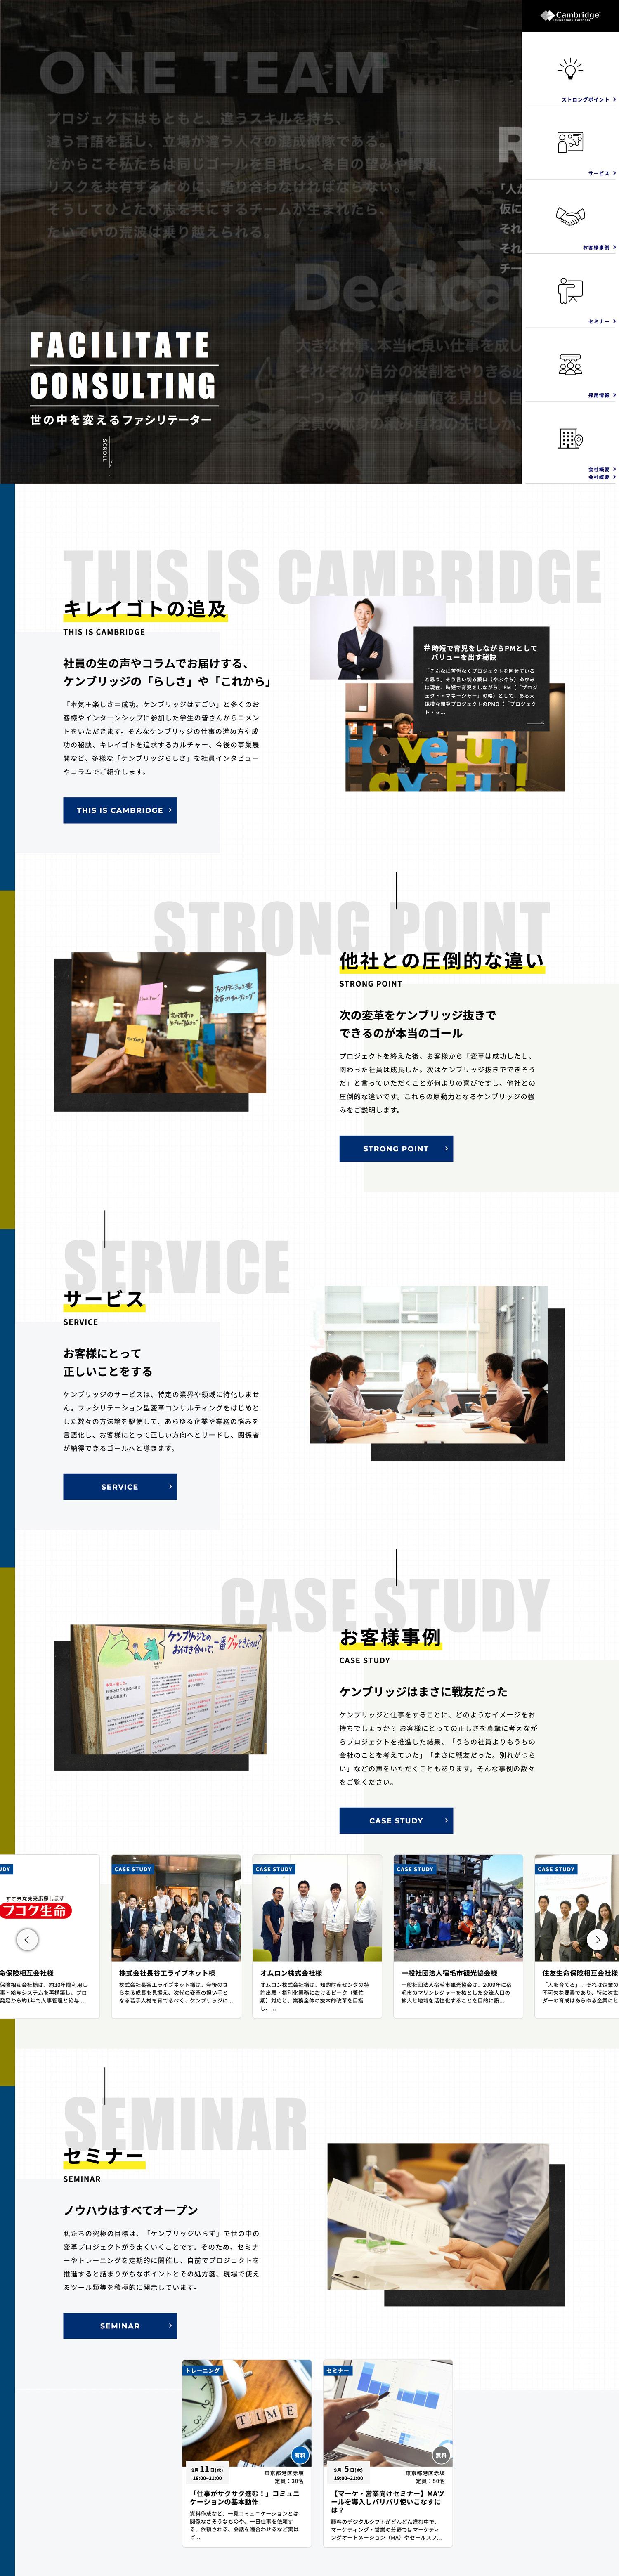 ケンブリッジ・テクノロジー・パートナーズ株式会社